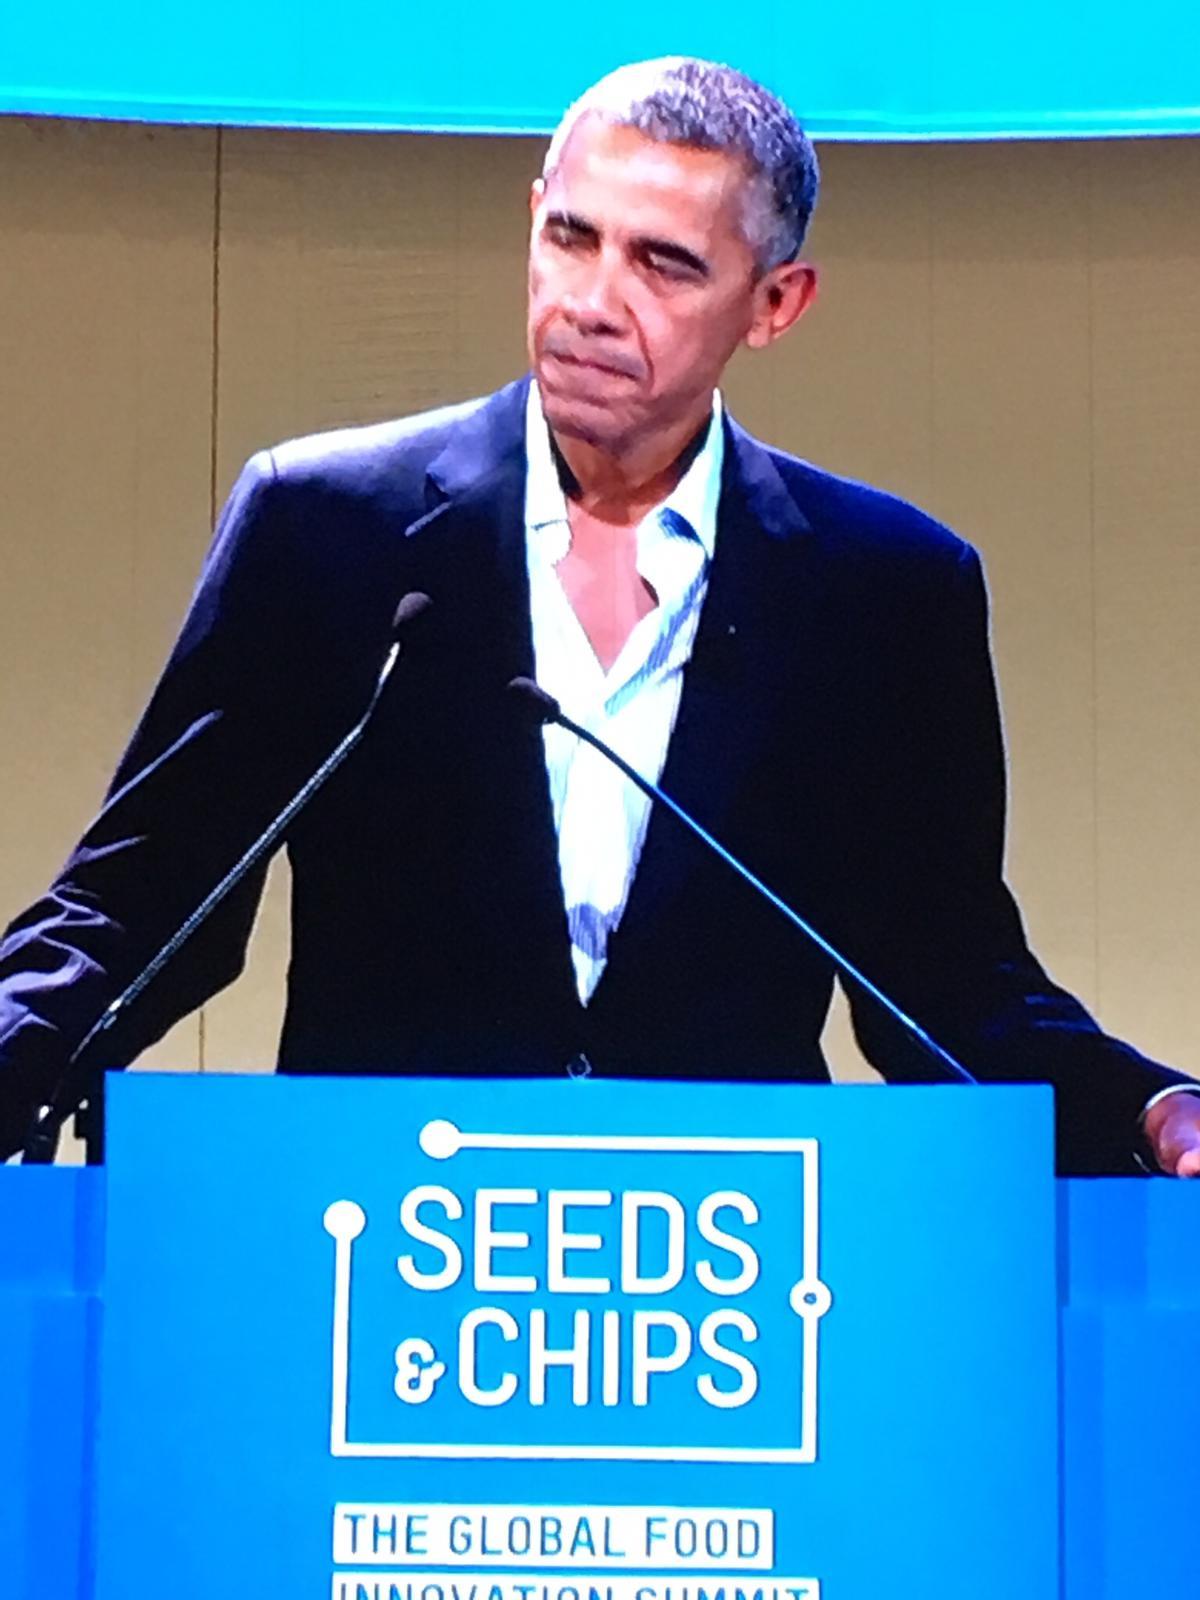 Barak Obama sul palco convegno fotoreporter politici vip Fabio Riccioli fotografo Roma.